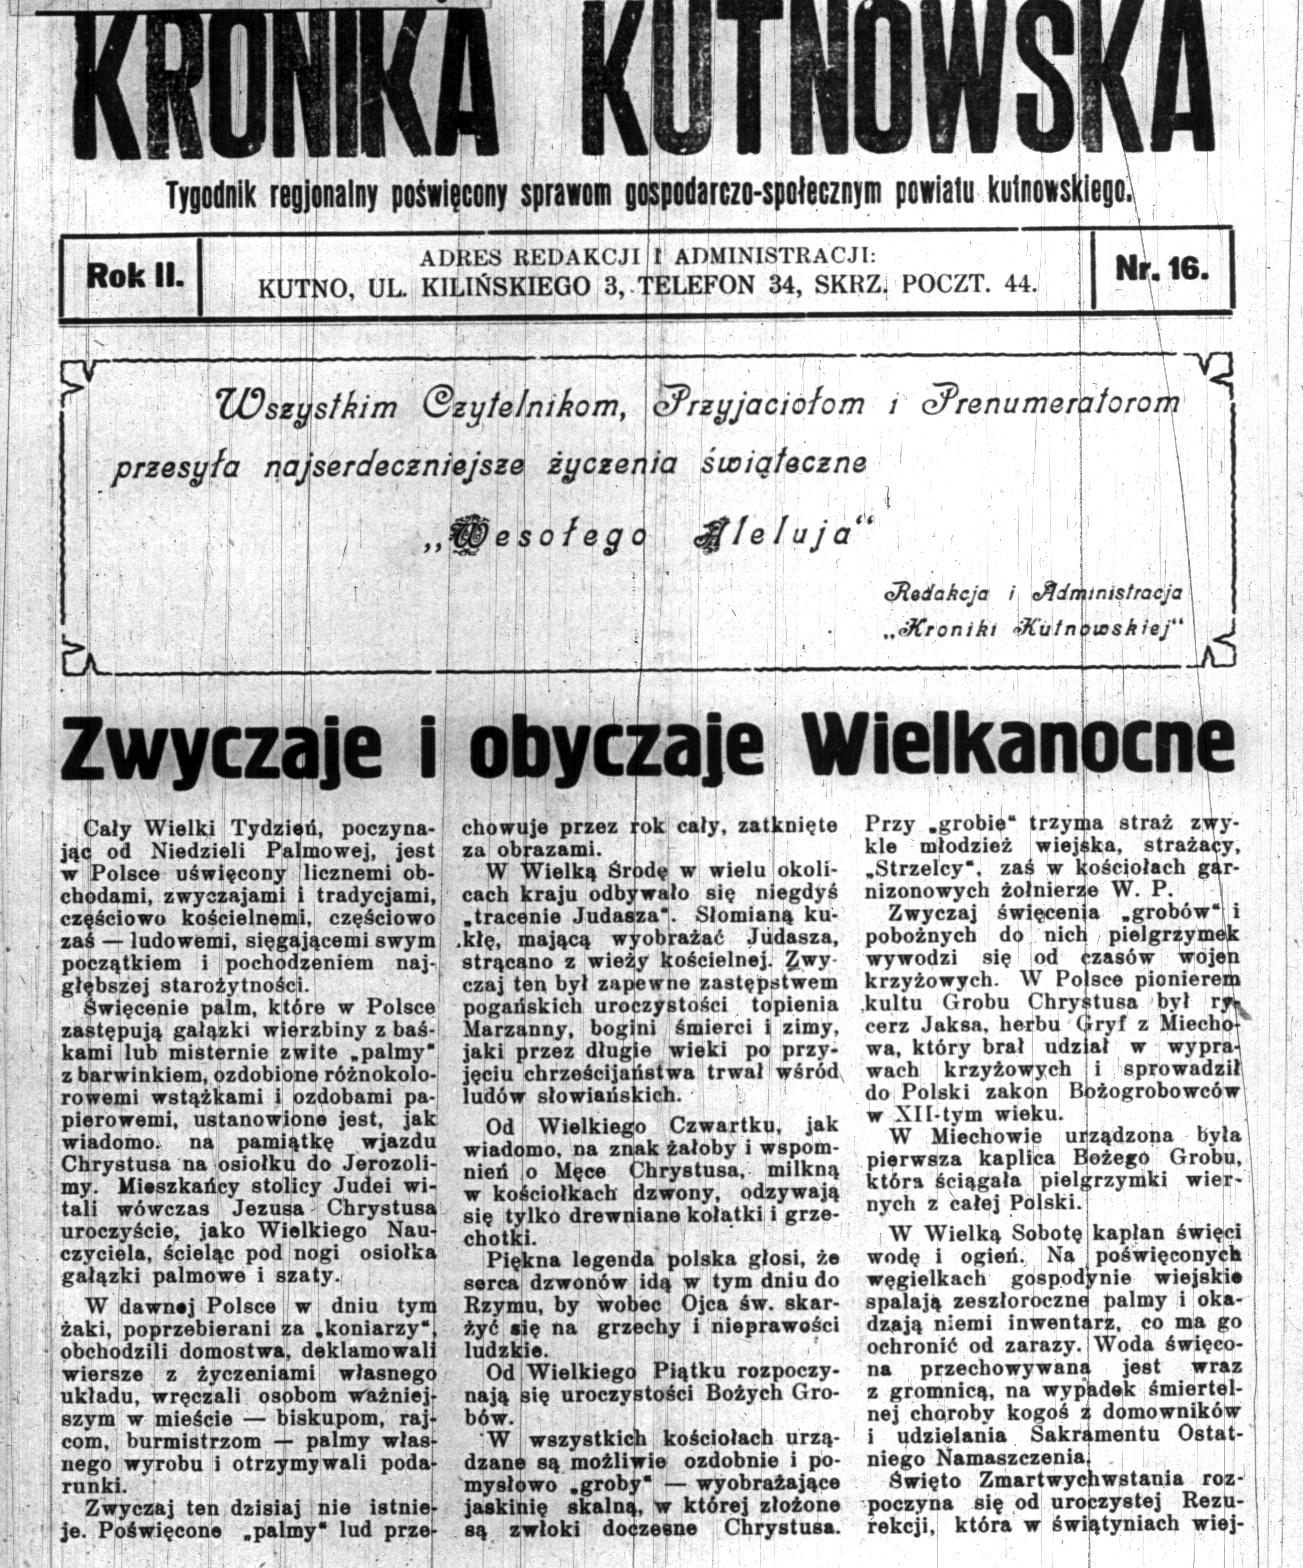 Images: ZWYCZAJE WIELKANOCNE 1933 KRONIKA KUTNOWSKA 1.jpg